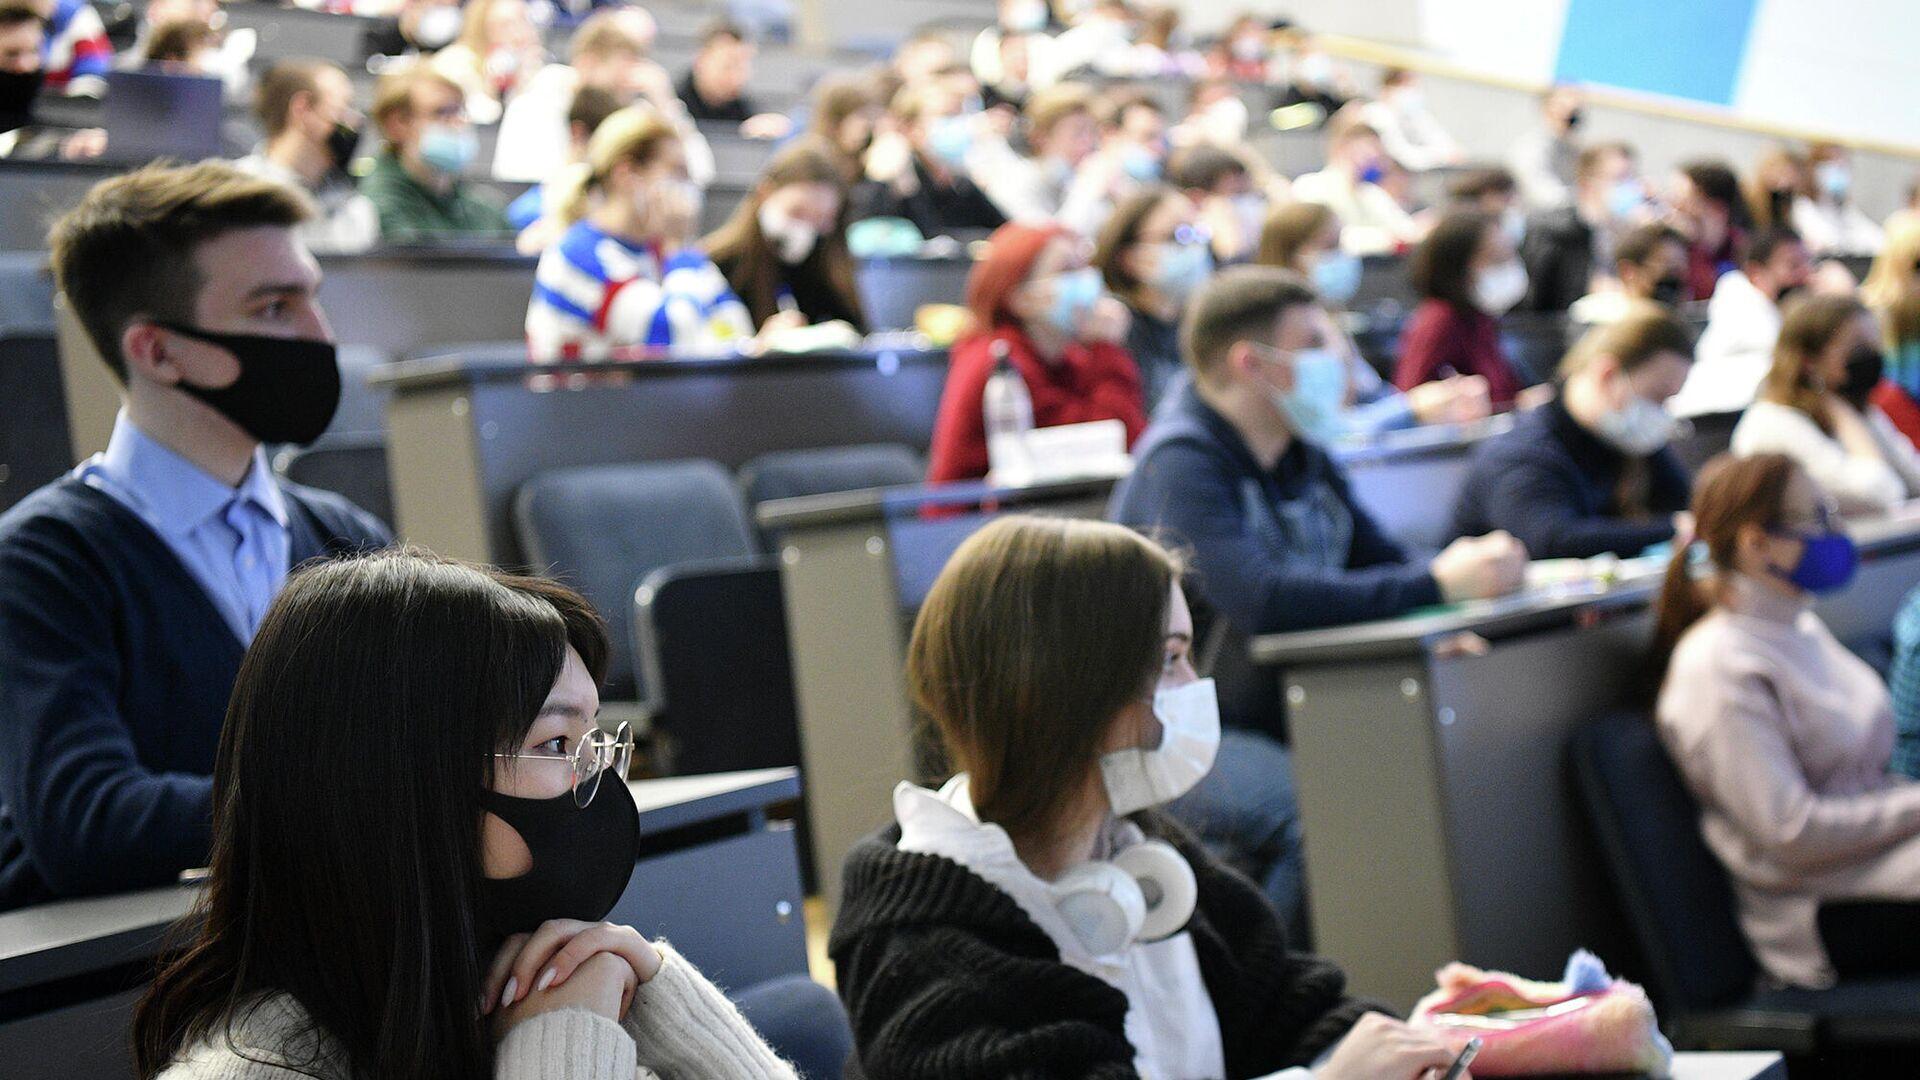 Студенты на лекции - РИА Новости, 1920, 09.06.2021